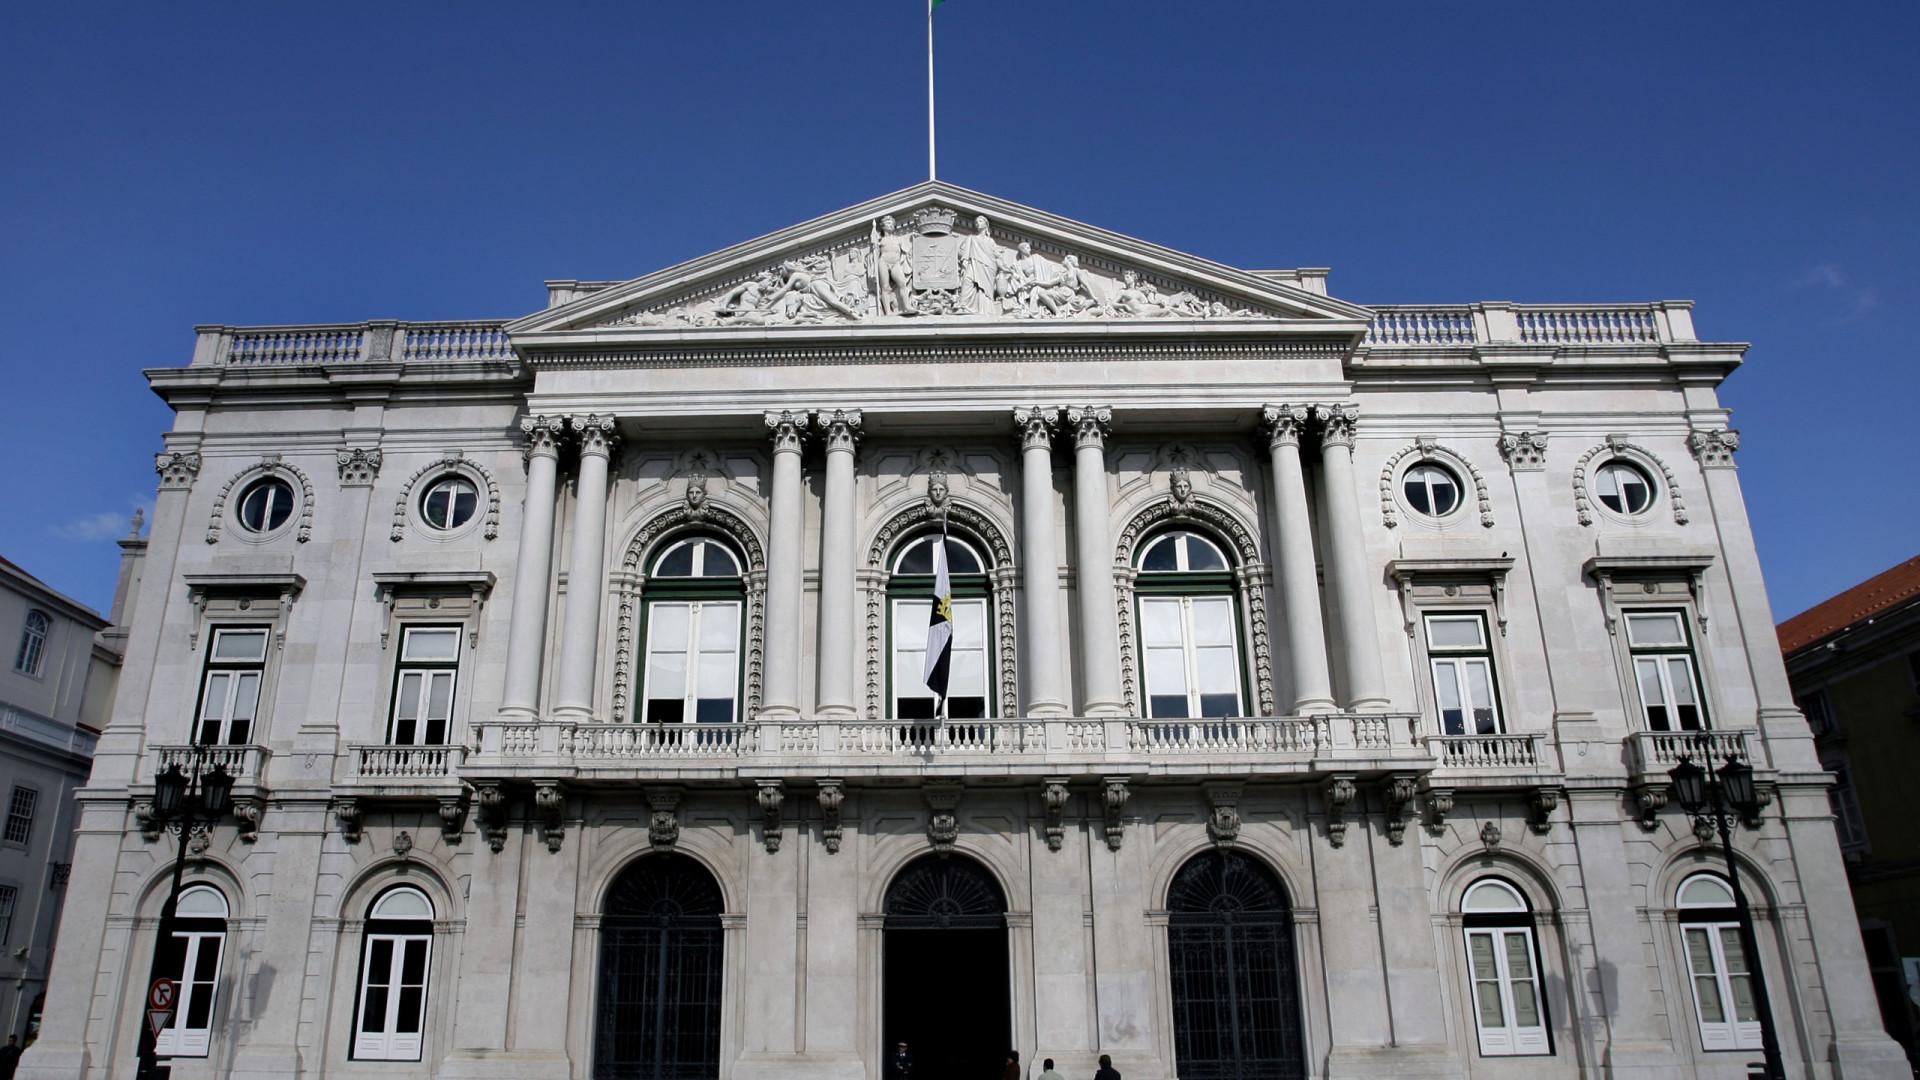 Terrenos de Entrecampos vão a hasta pública com valor base de 188 milhões